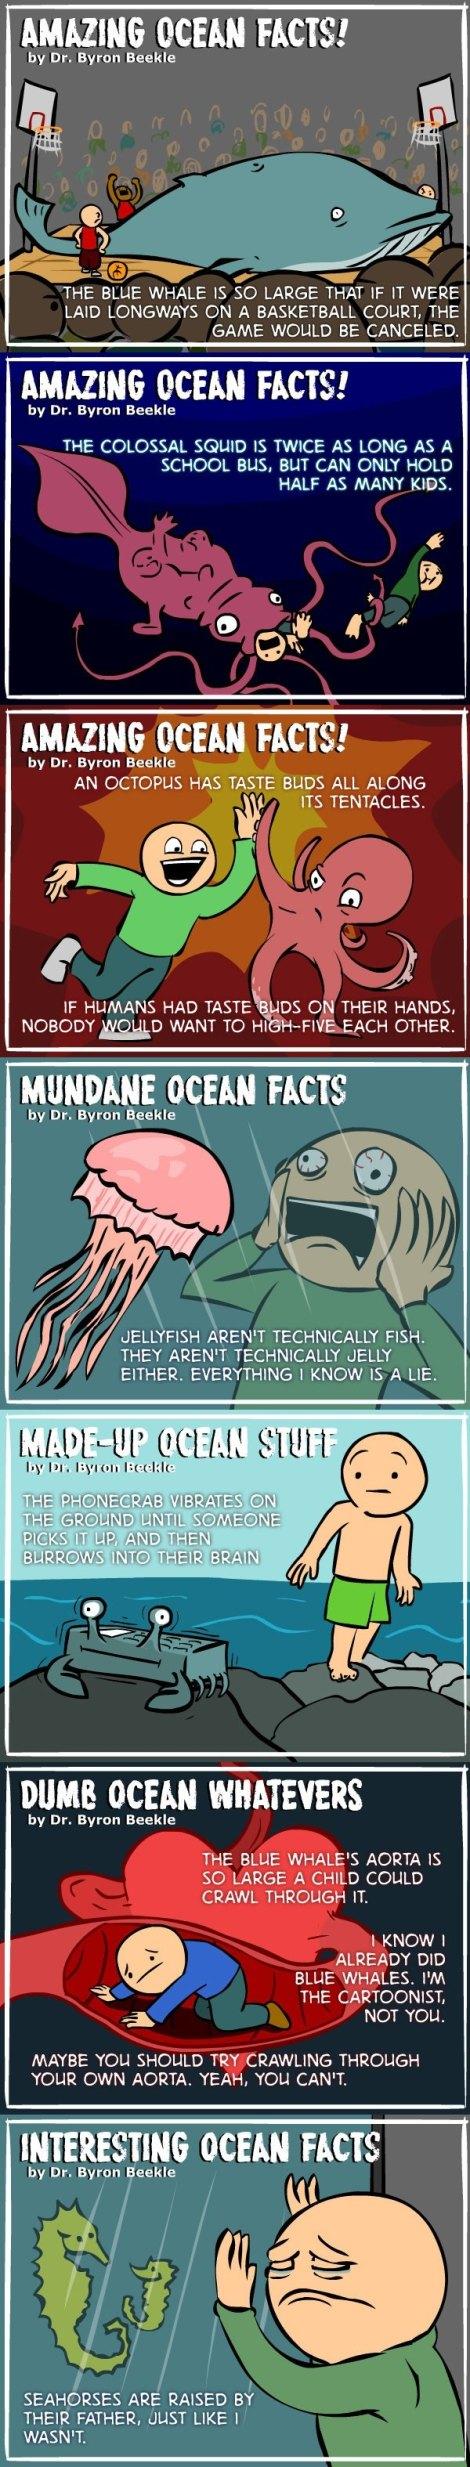 600_real-ocean-facts-broaden-your-mi